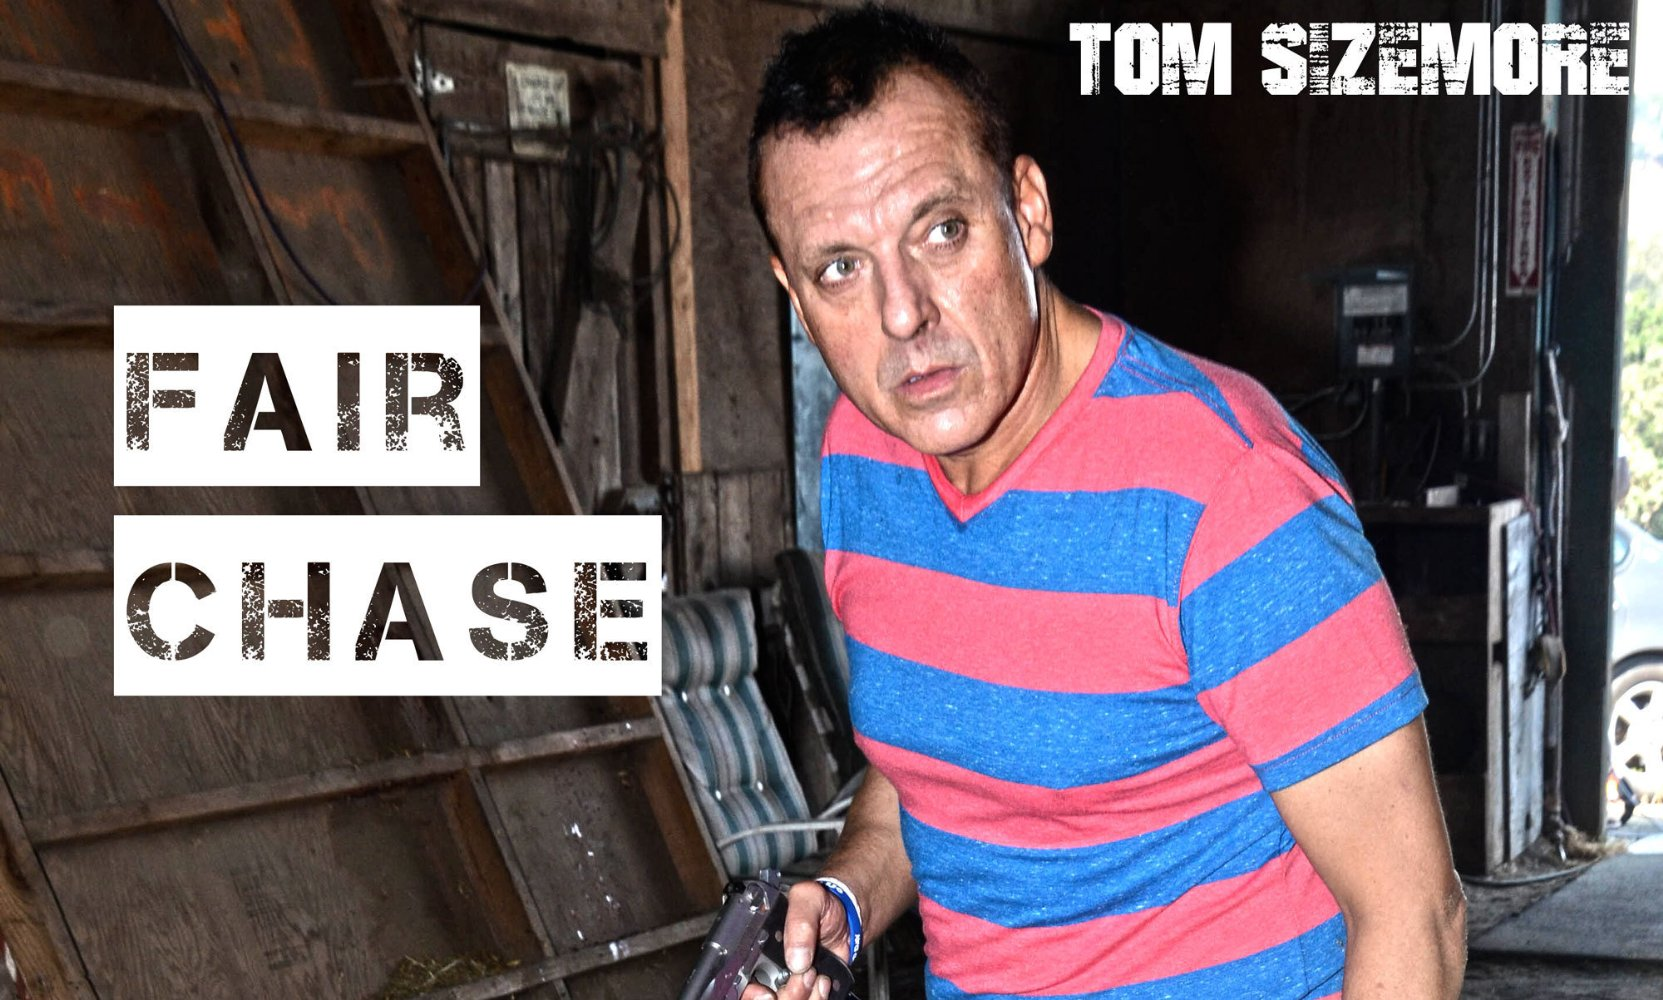 Tom Sizemore